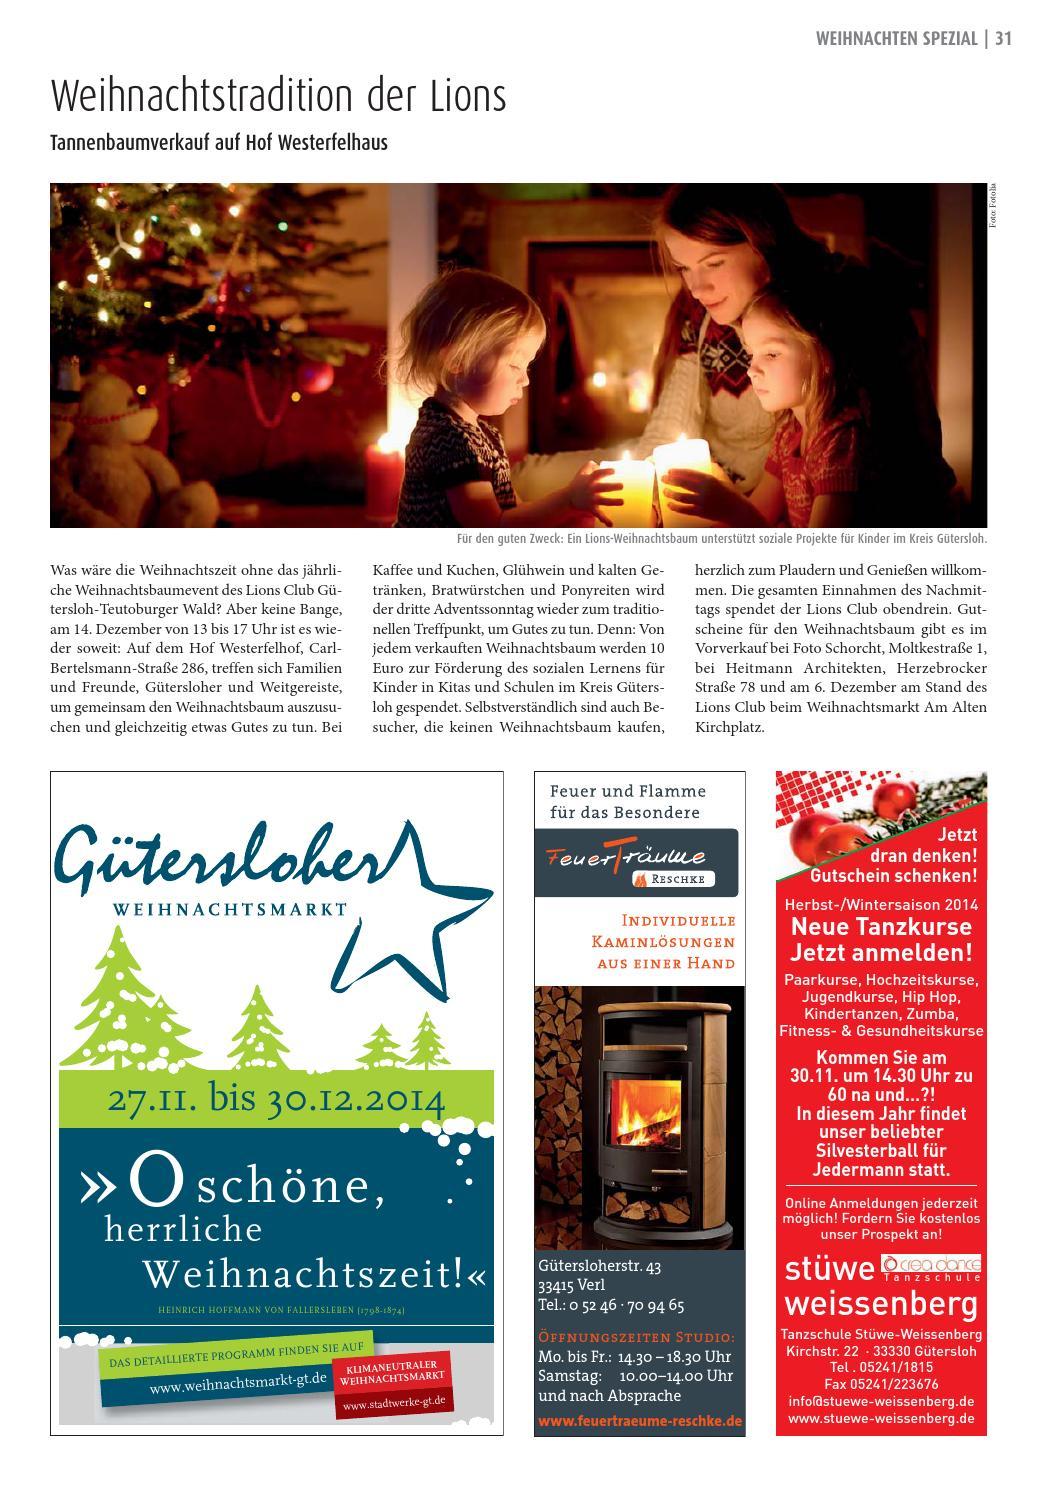 Weihnachtsbaum Kaufen Gütersloh.Gt Info